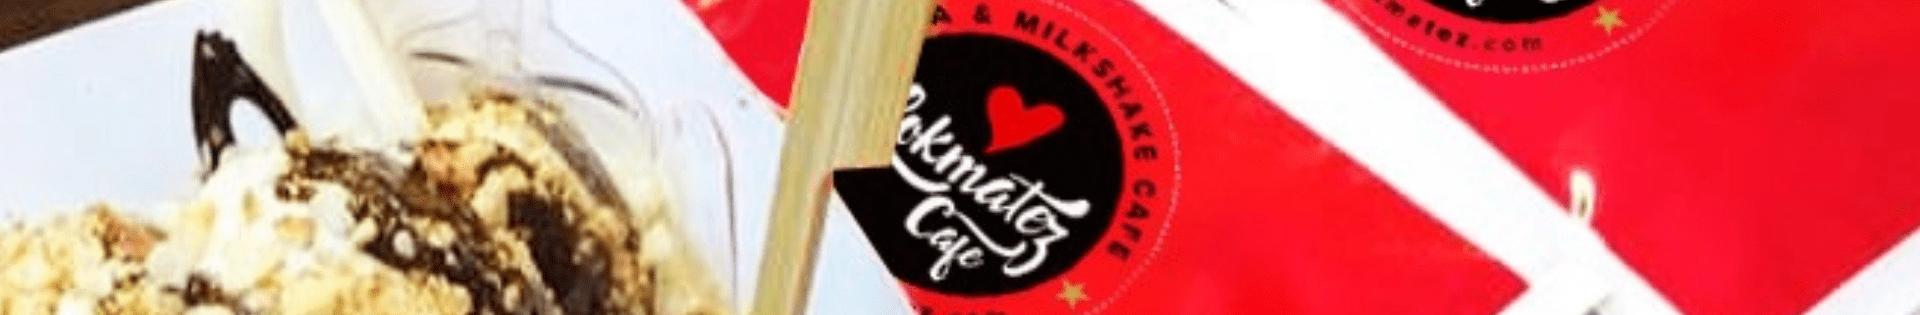 Lokmatez Milkshake Cafe